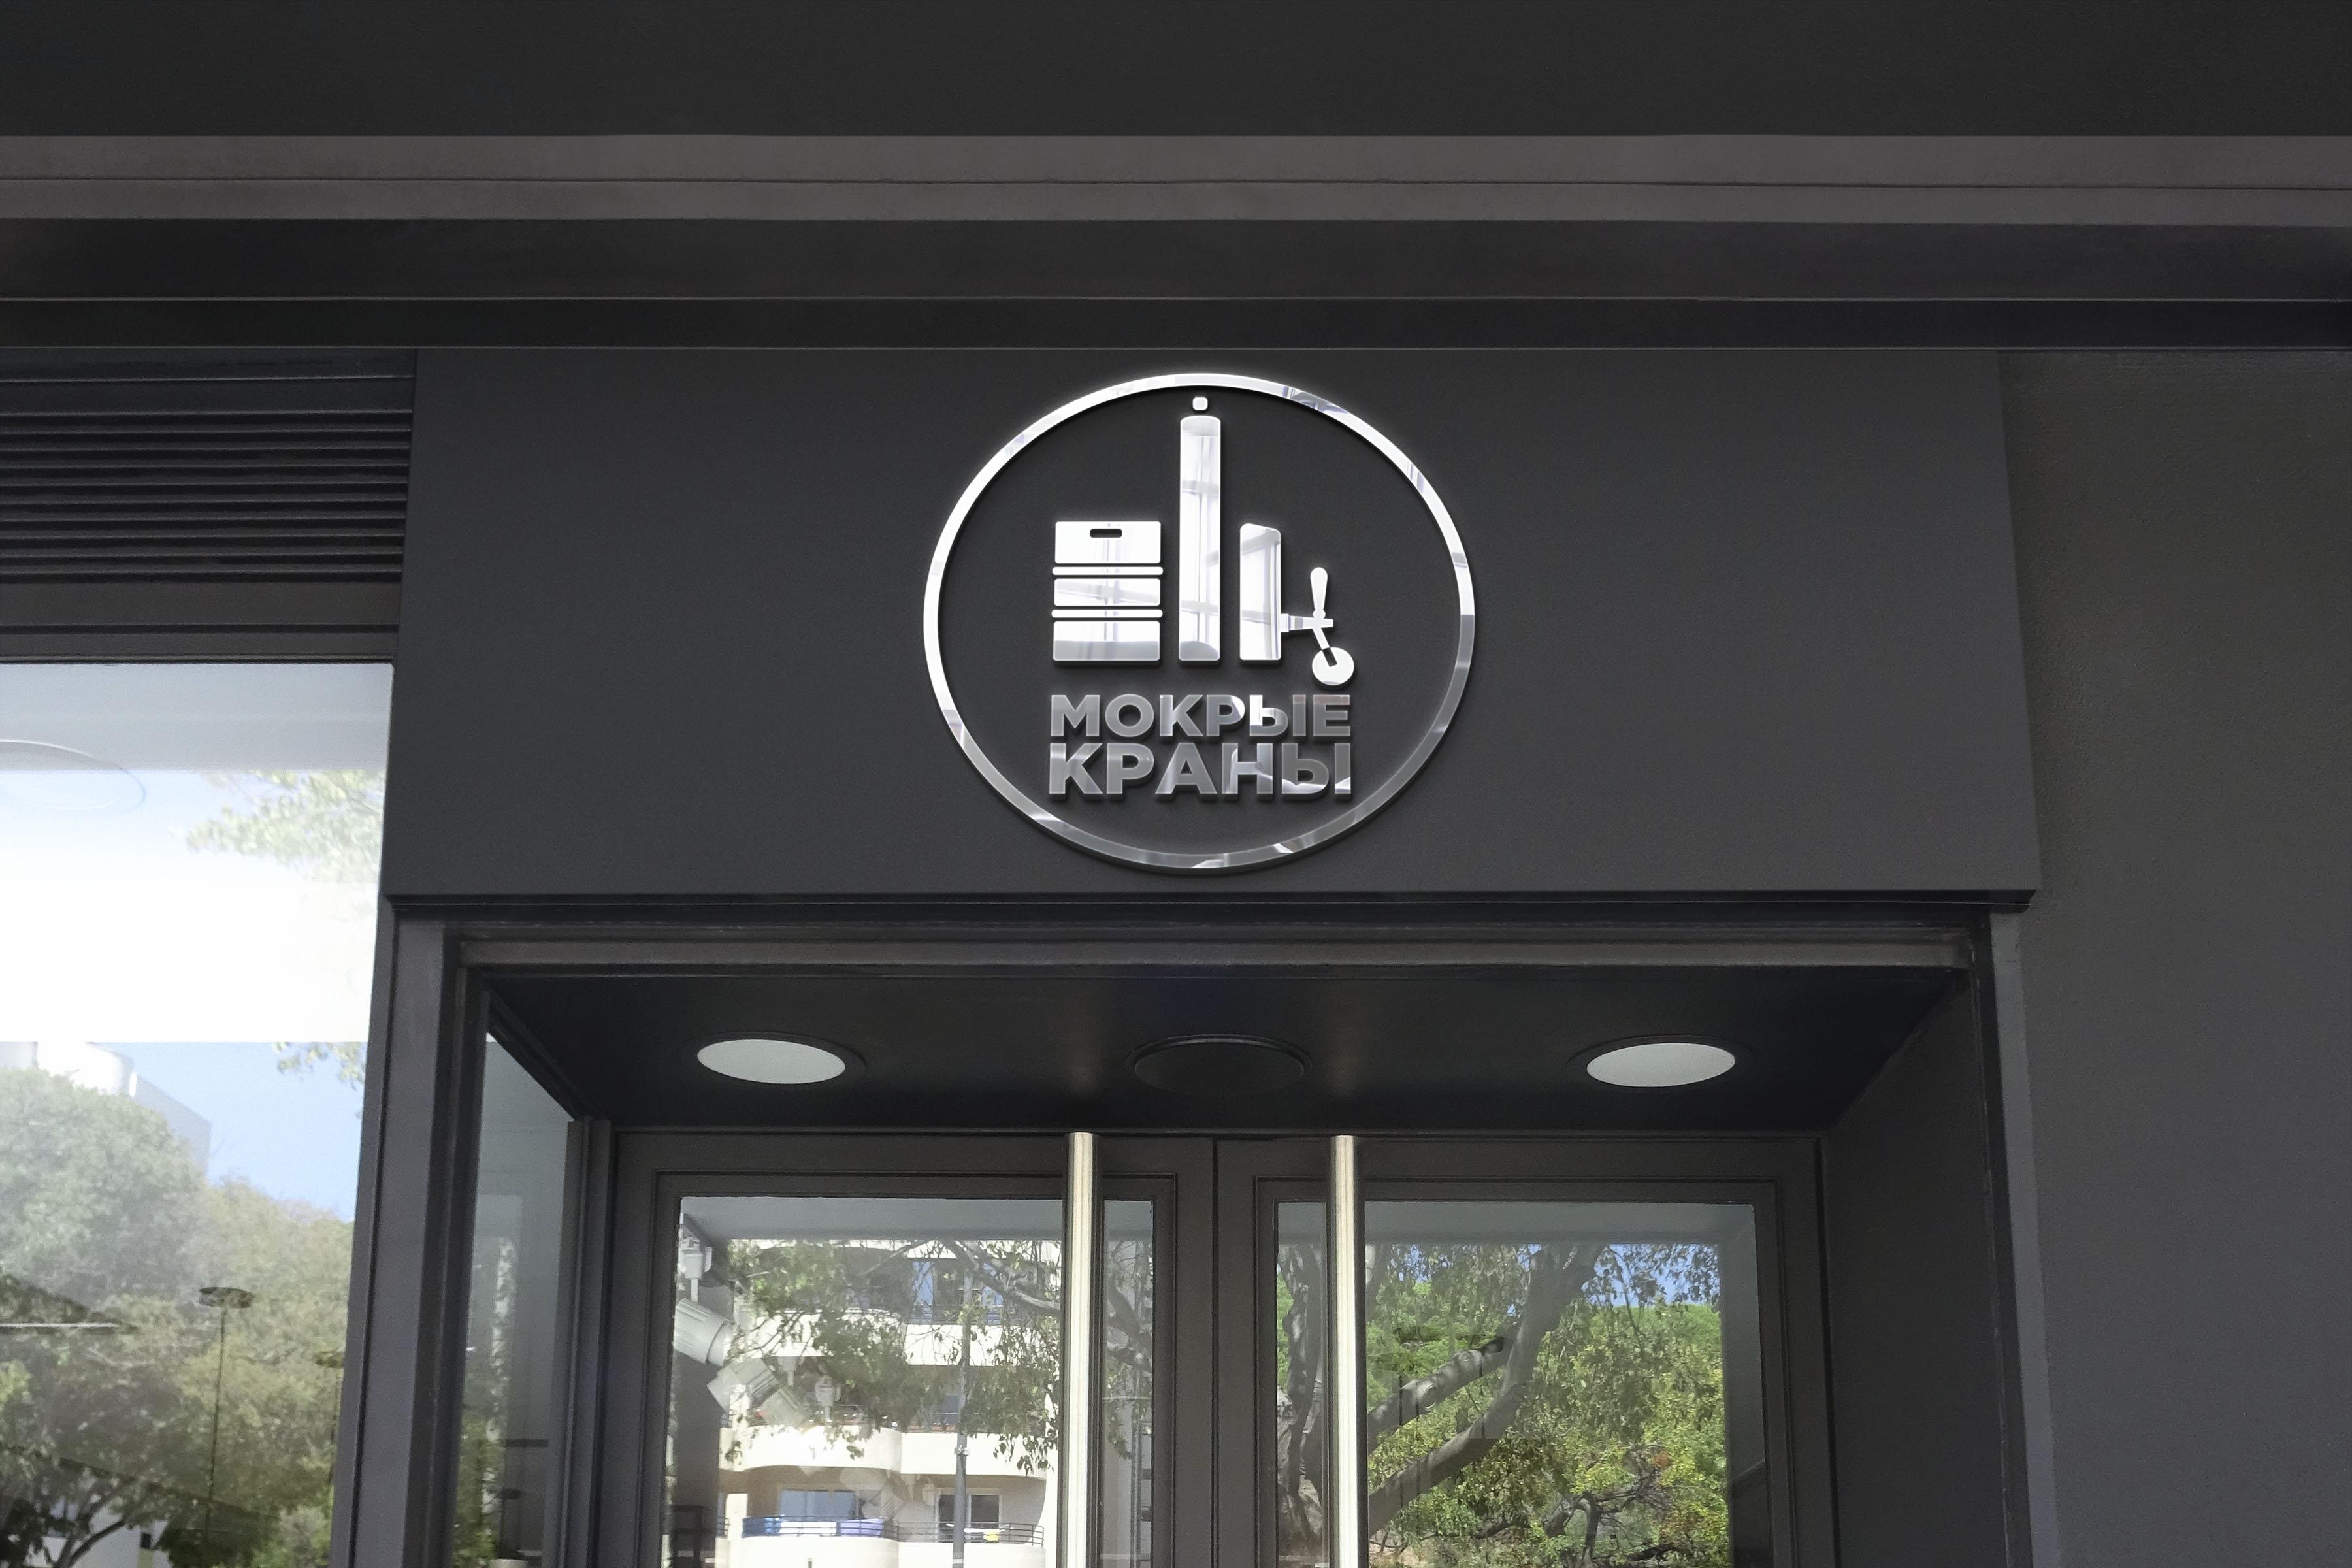 Вывеска/логотип для пивного магазина фото f_8316029f7198ef3b.jpg